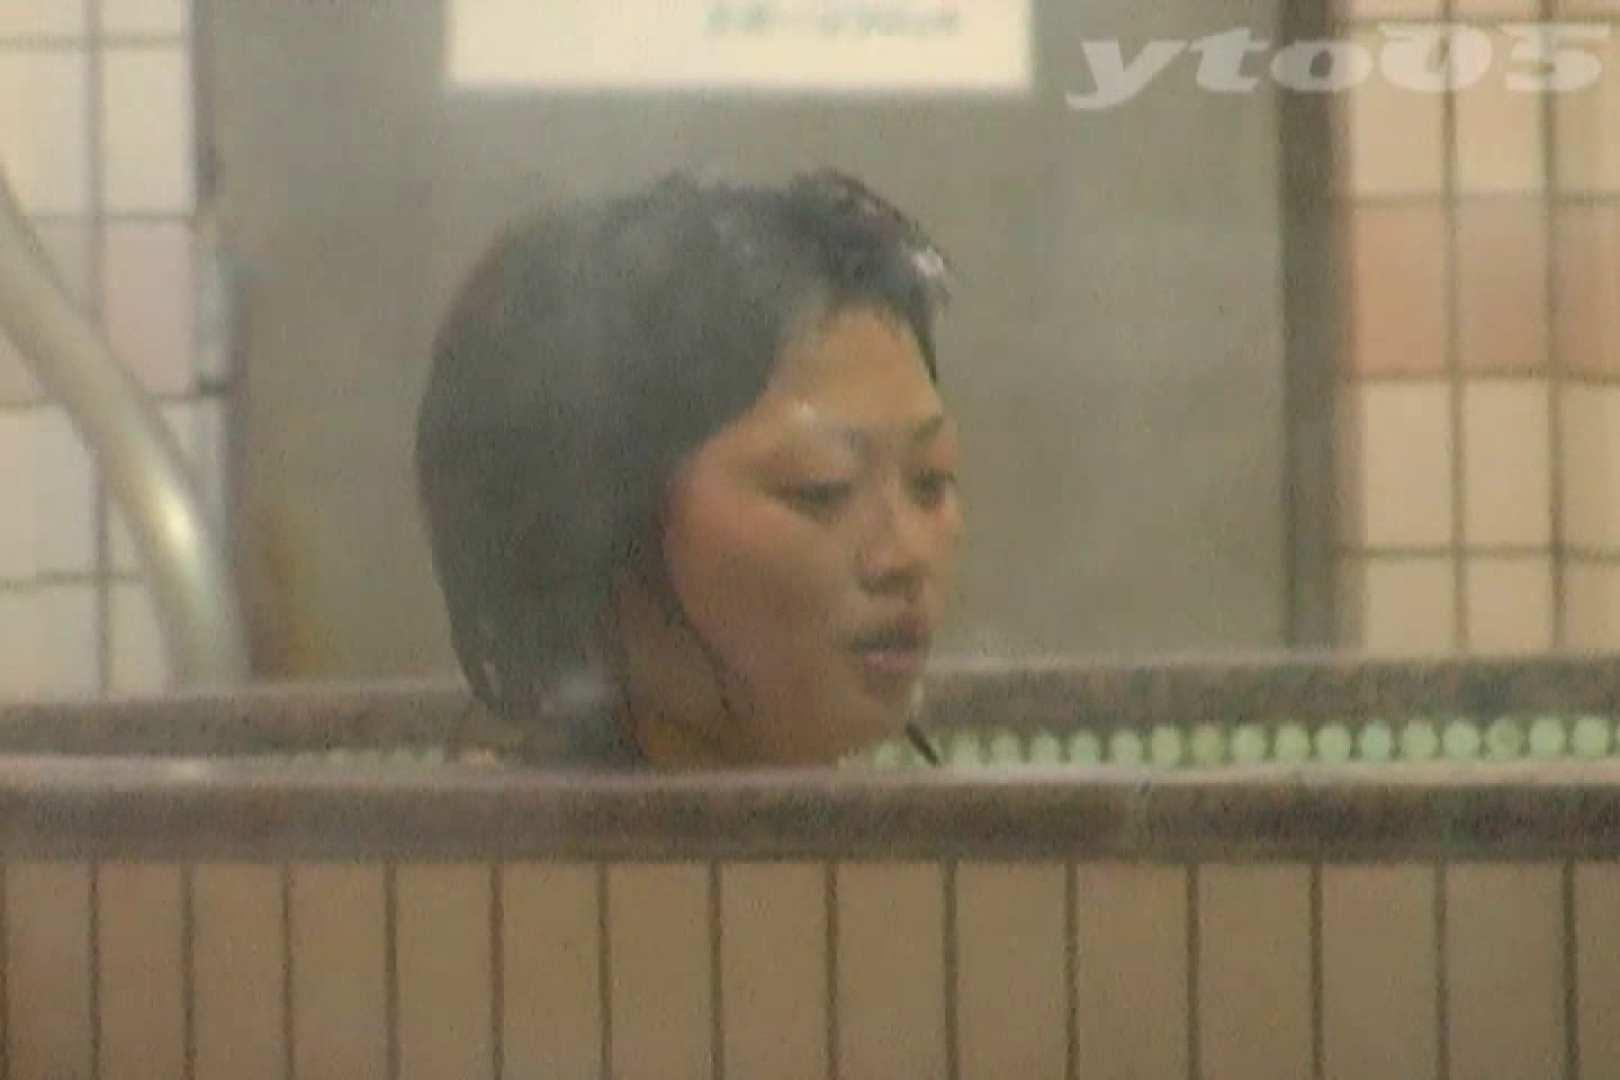 ▲復活限定▲合宿ホテル女風呂盗撮 Vol.28 合宿中の女子 | 盗撮  100PIX